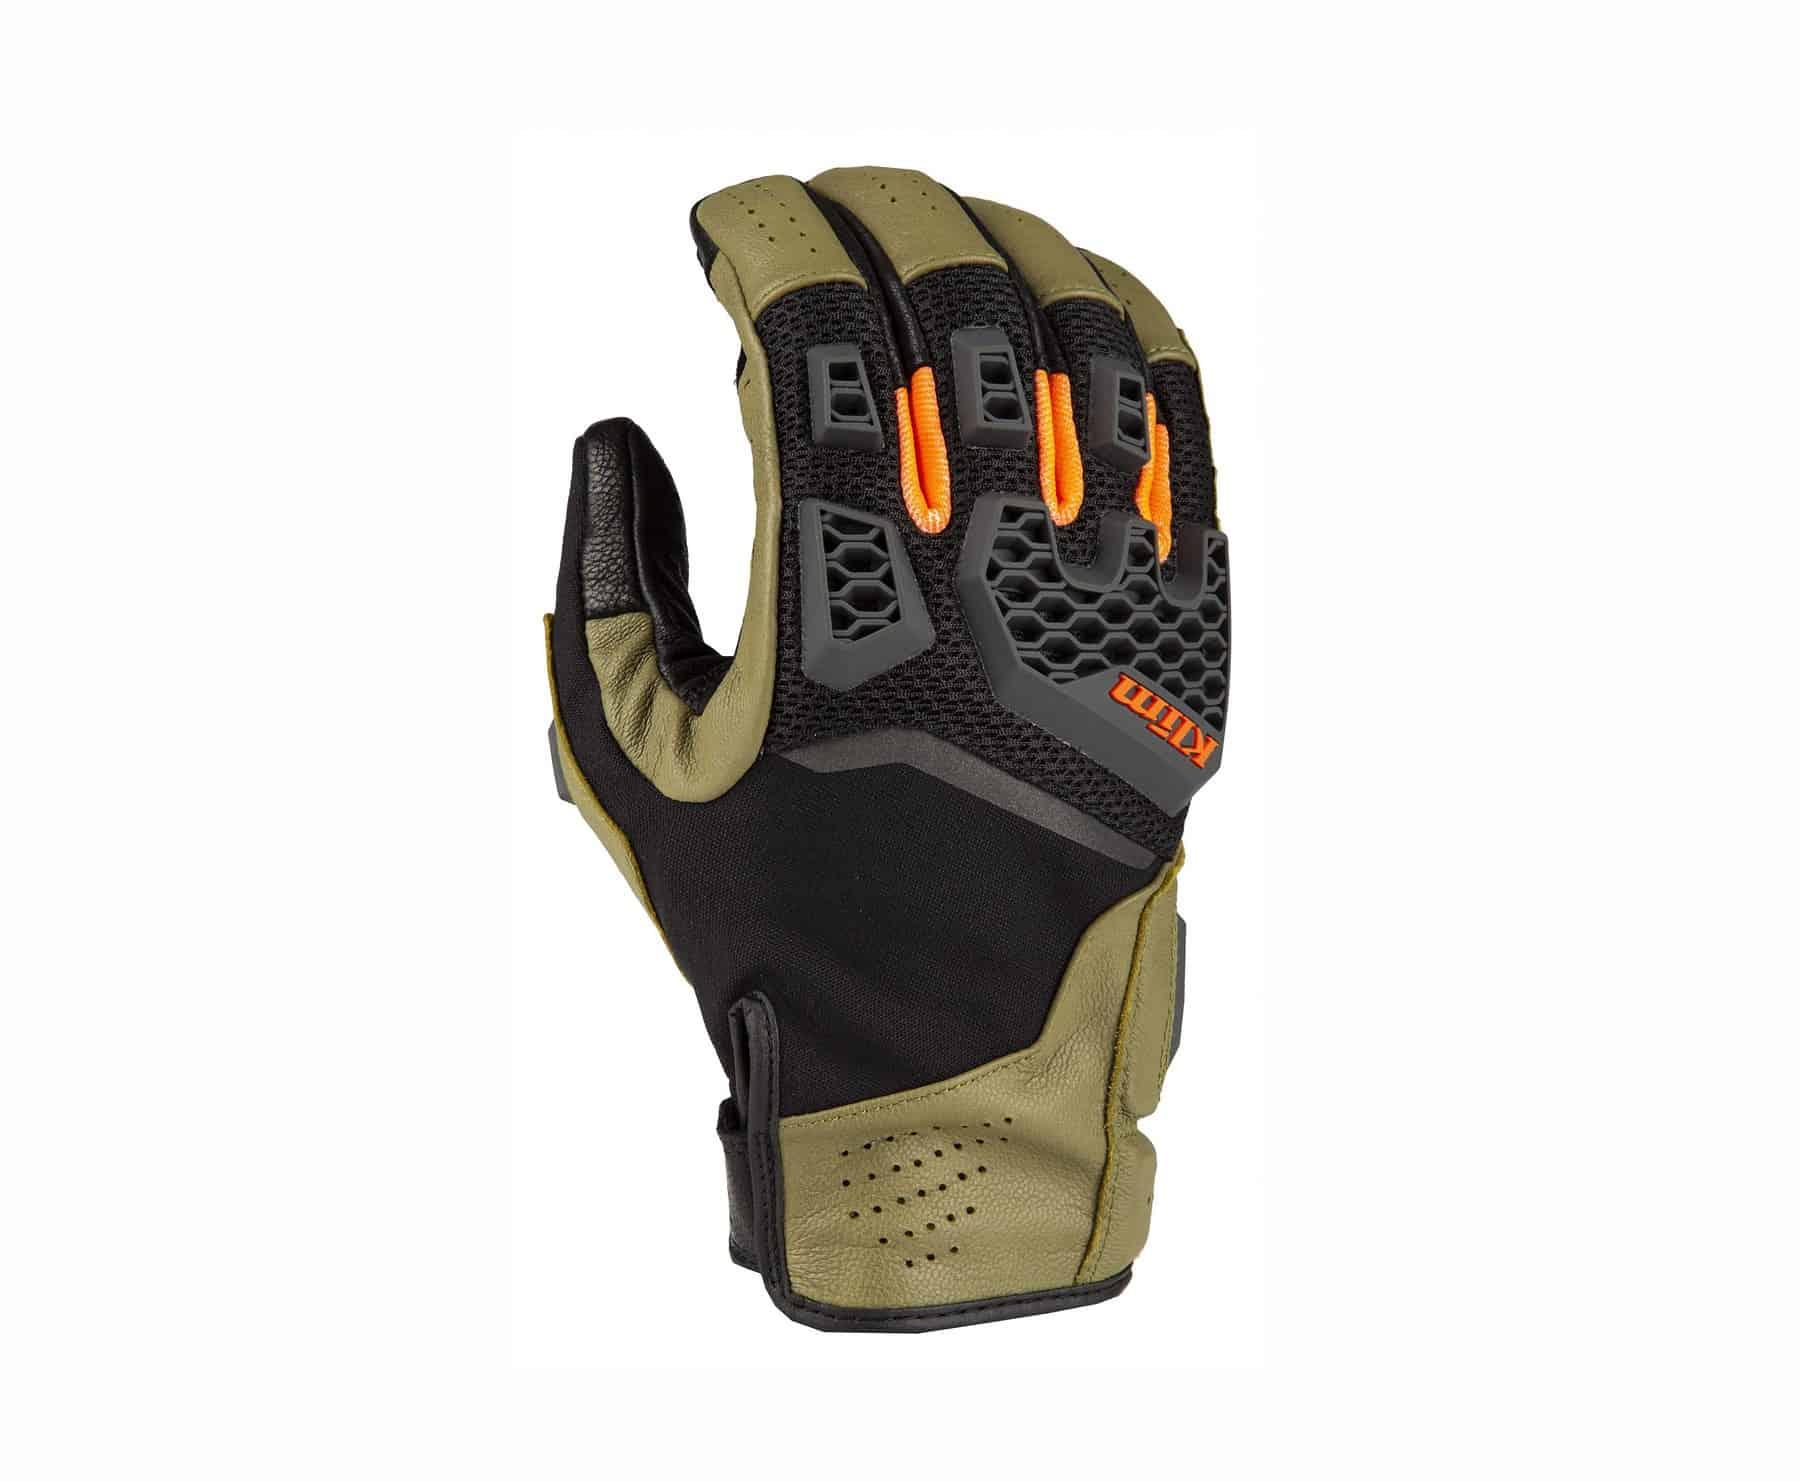 KLIM-New-Baja-S4-gloves 3